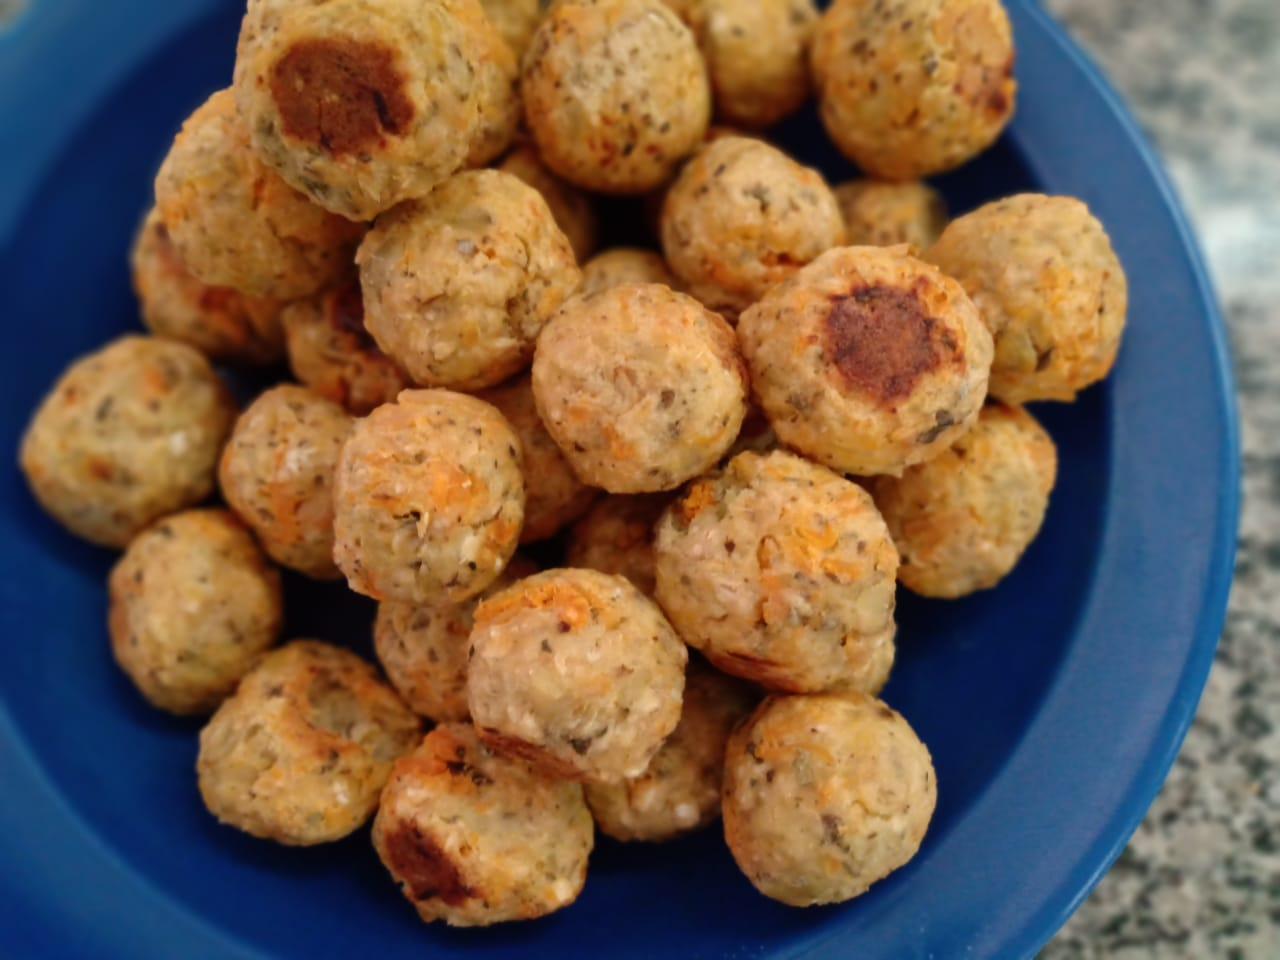 receita saudável de bolinho de batata doce com frango